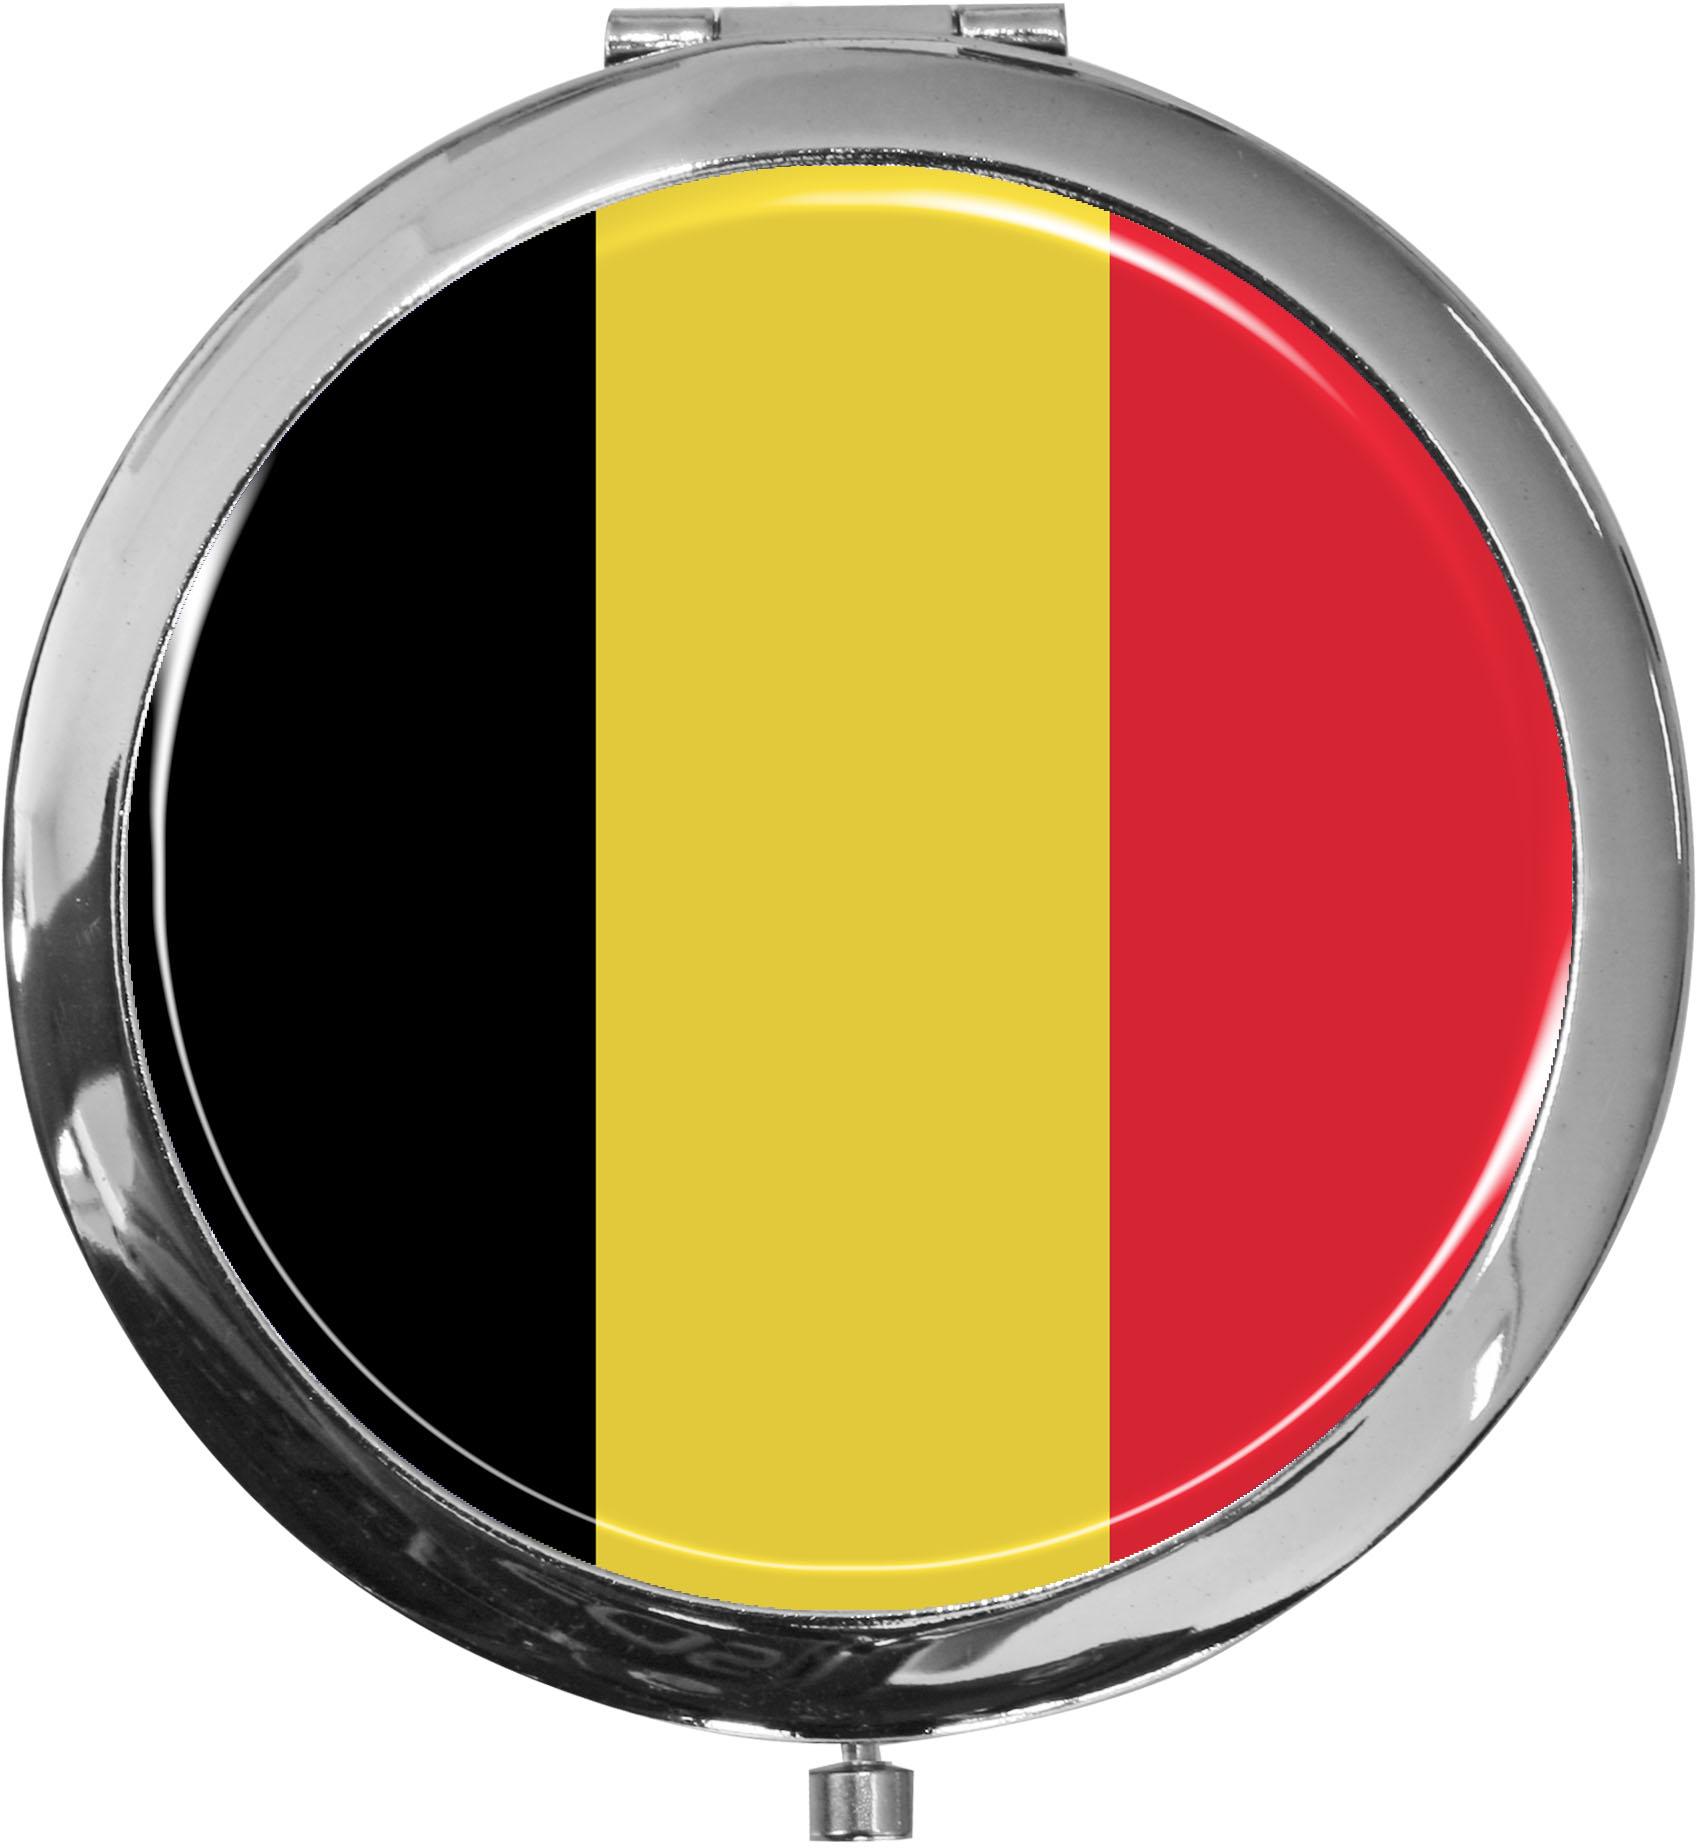 Taschenspiegel / Spiegel / Flagge Belgien / 2 fache Vergrößerung